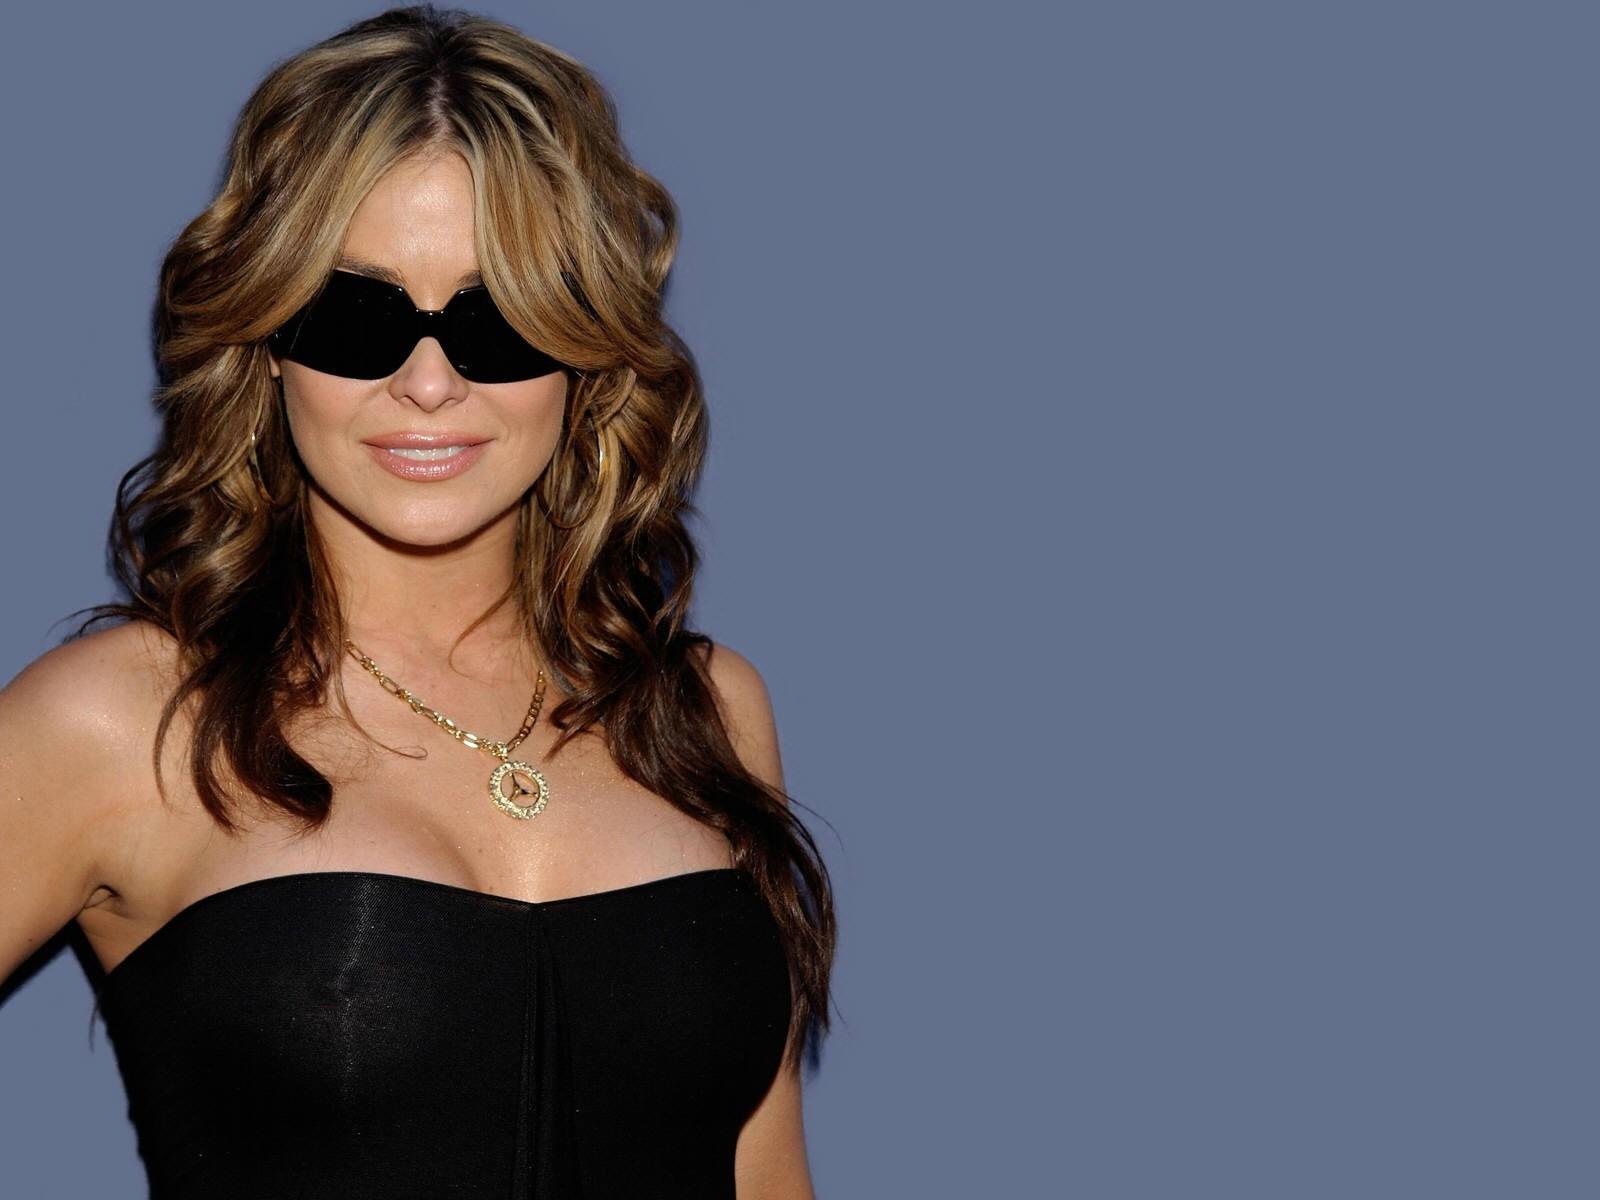 Wallpaper di Carmen Electra con gli occhiali scuri